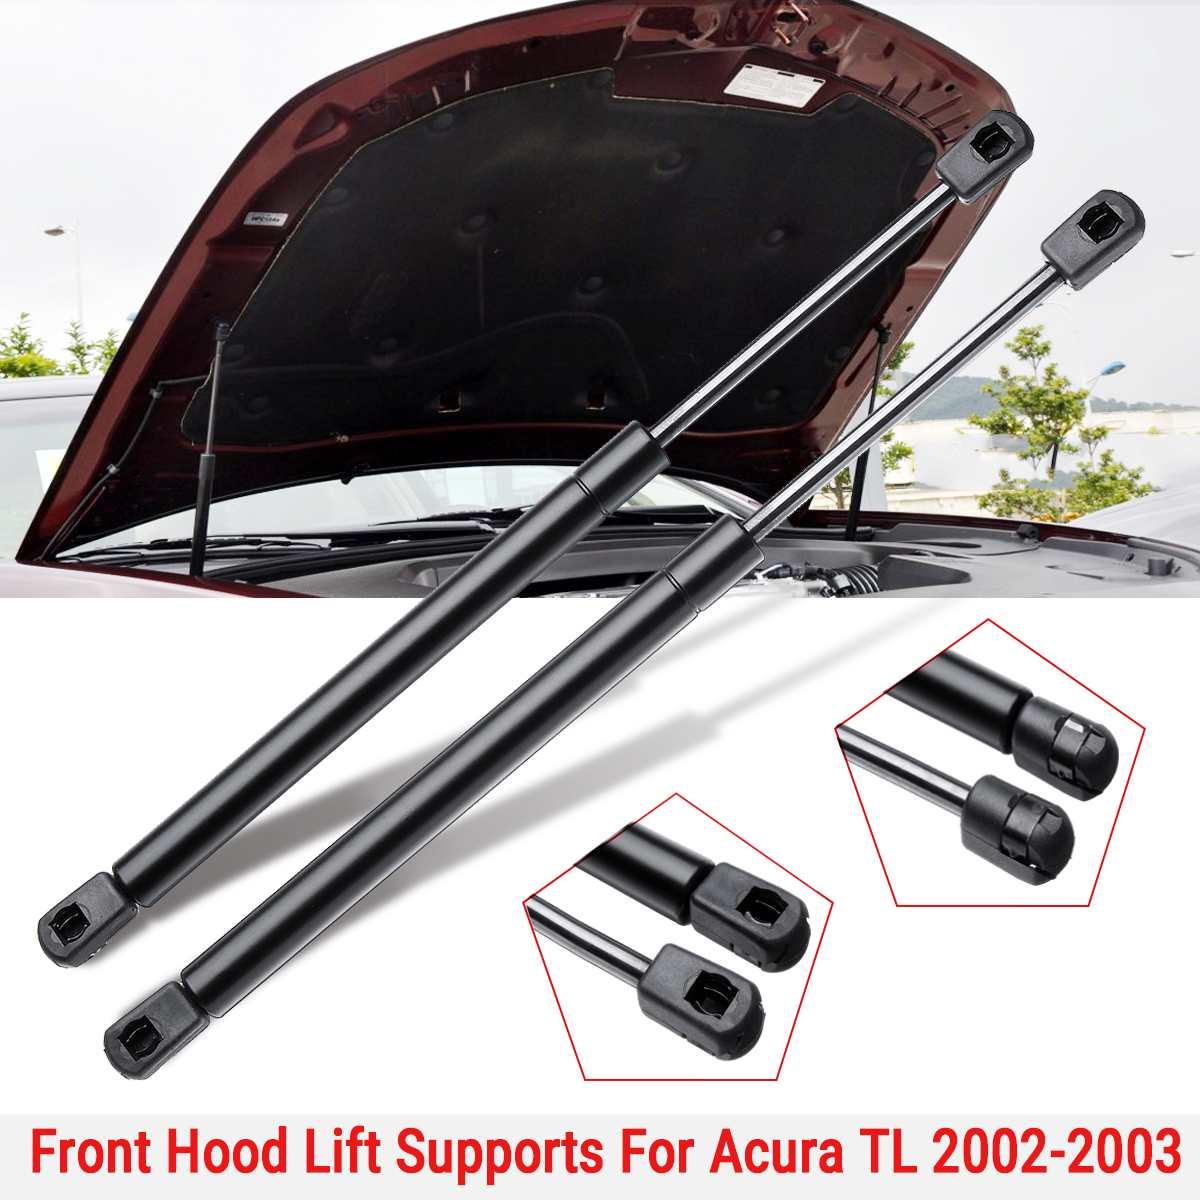 1 คู่รถฝาครอบด้านหน้าโช้คอัพ Lift Struts Strut Bar สนับสนุนแขนแก๊สฤดูใบไม้ผลิสำหรับ Acura TL ฐานประเภท-S Sedan 2002 2003